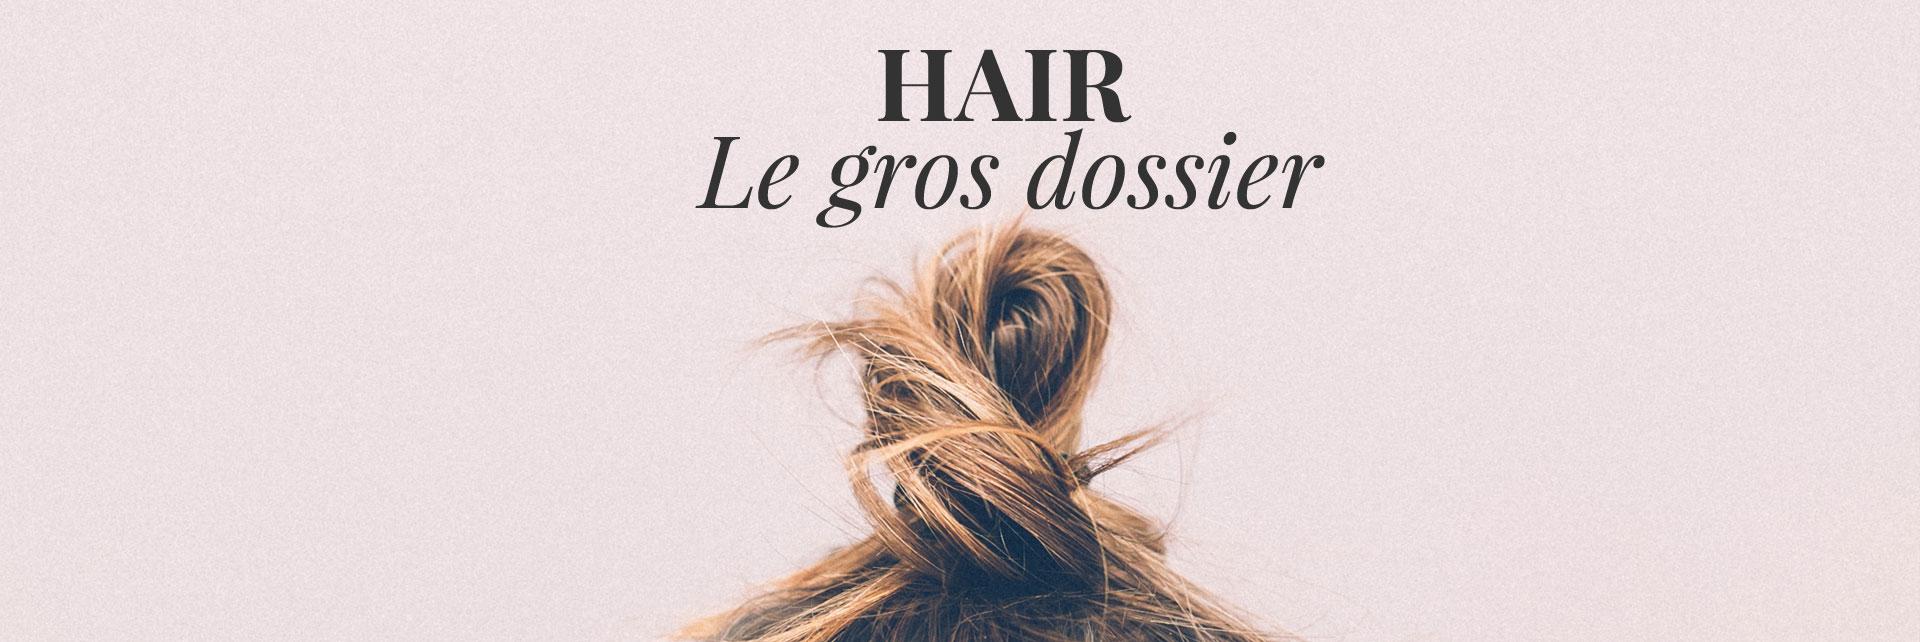 Beauté : Dossier cheveux